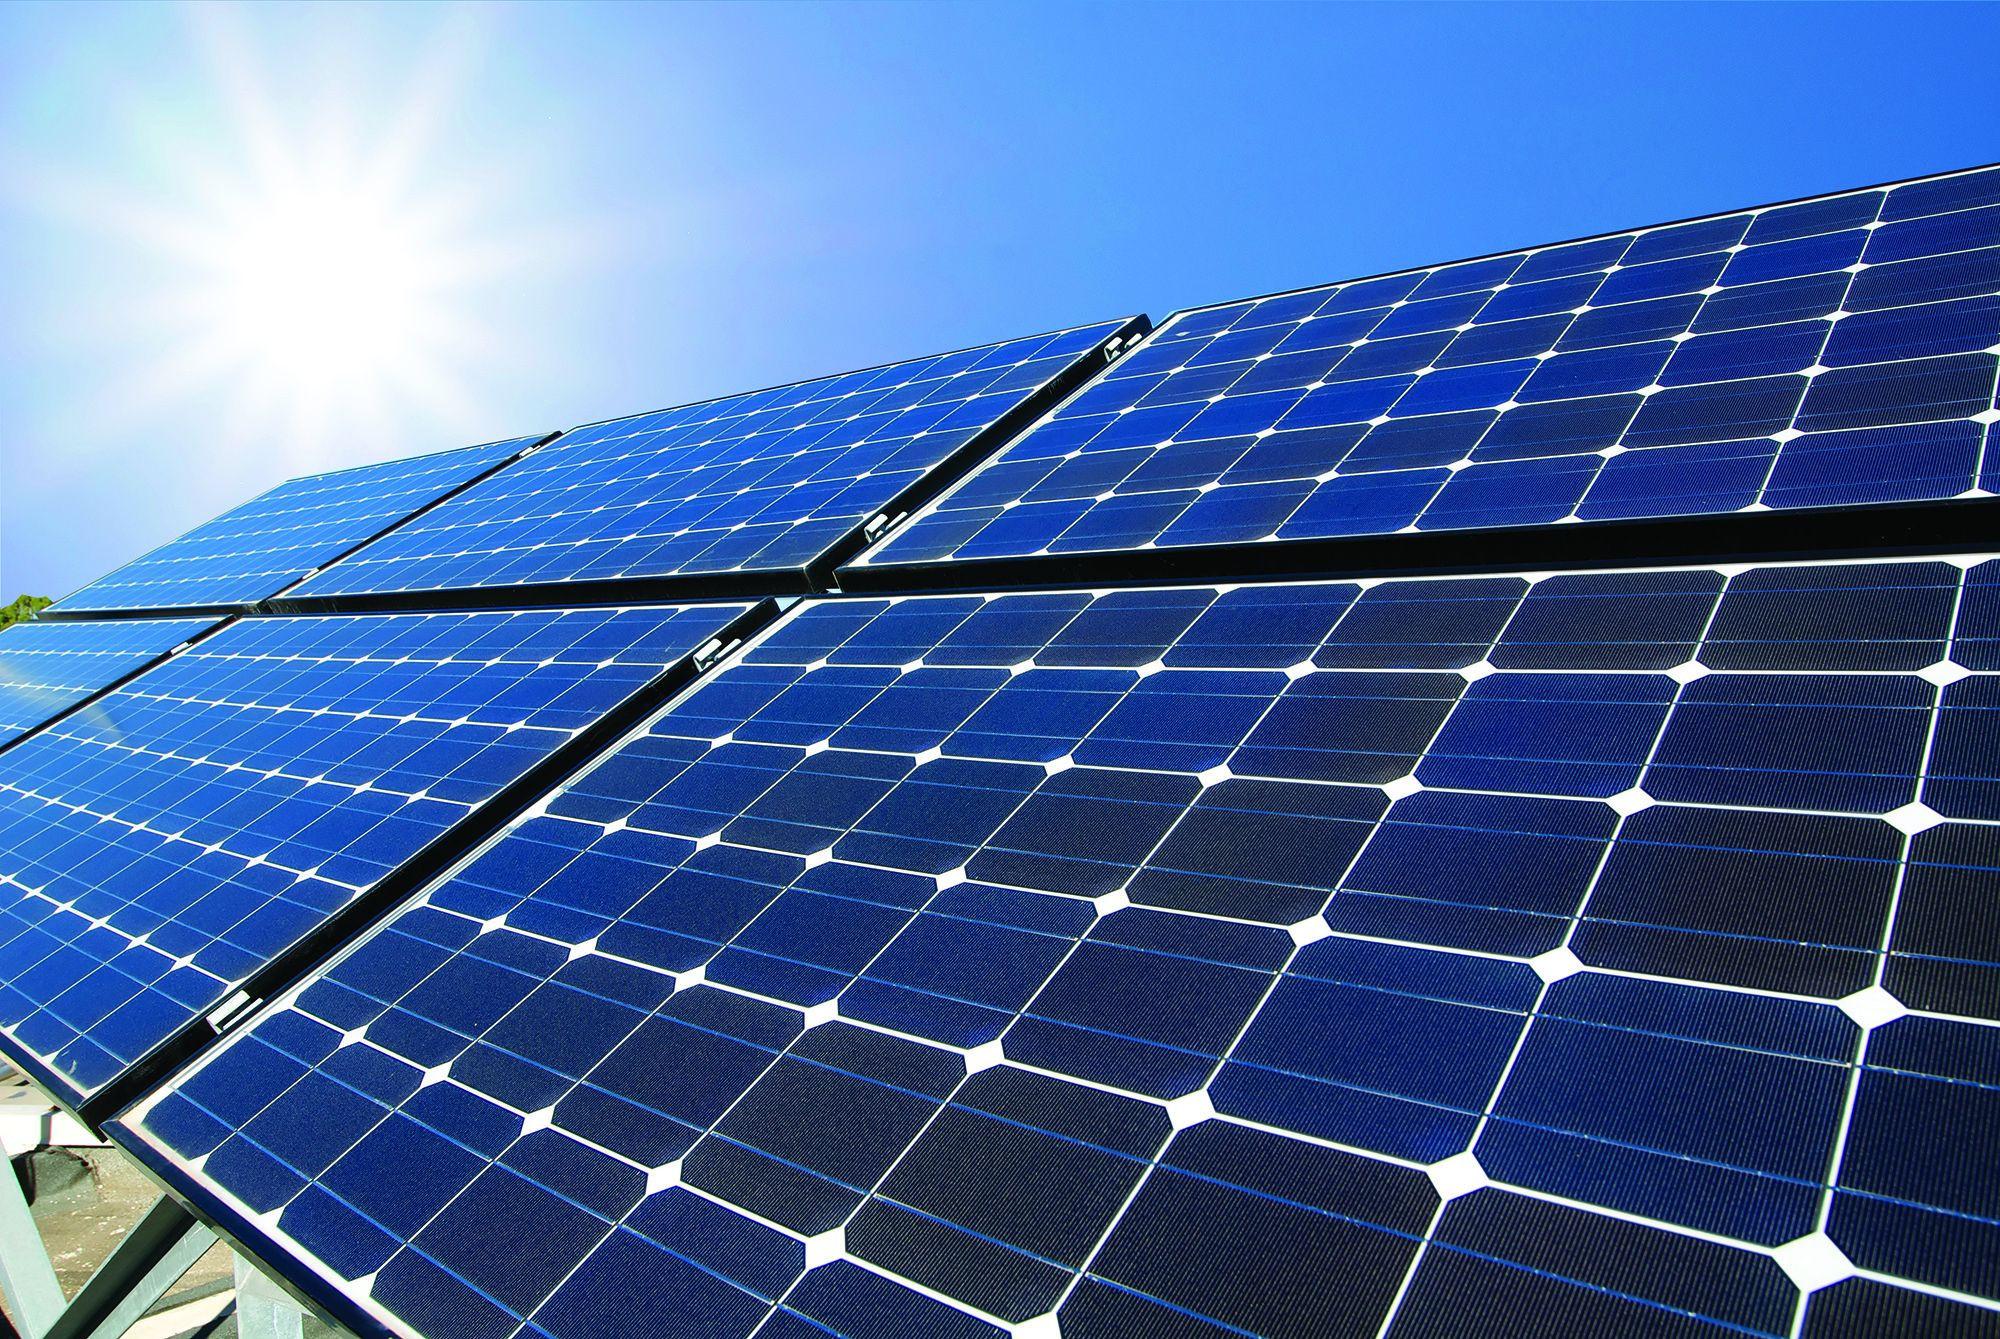 Dünyada Güneş Enerjisi Kullanımı ve Gelişimi